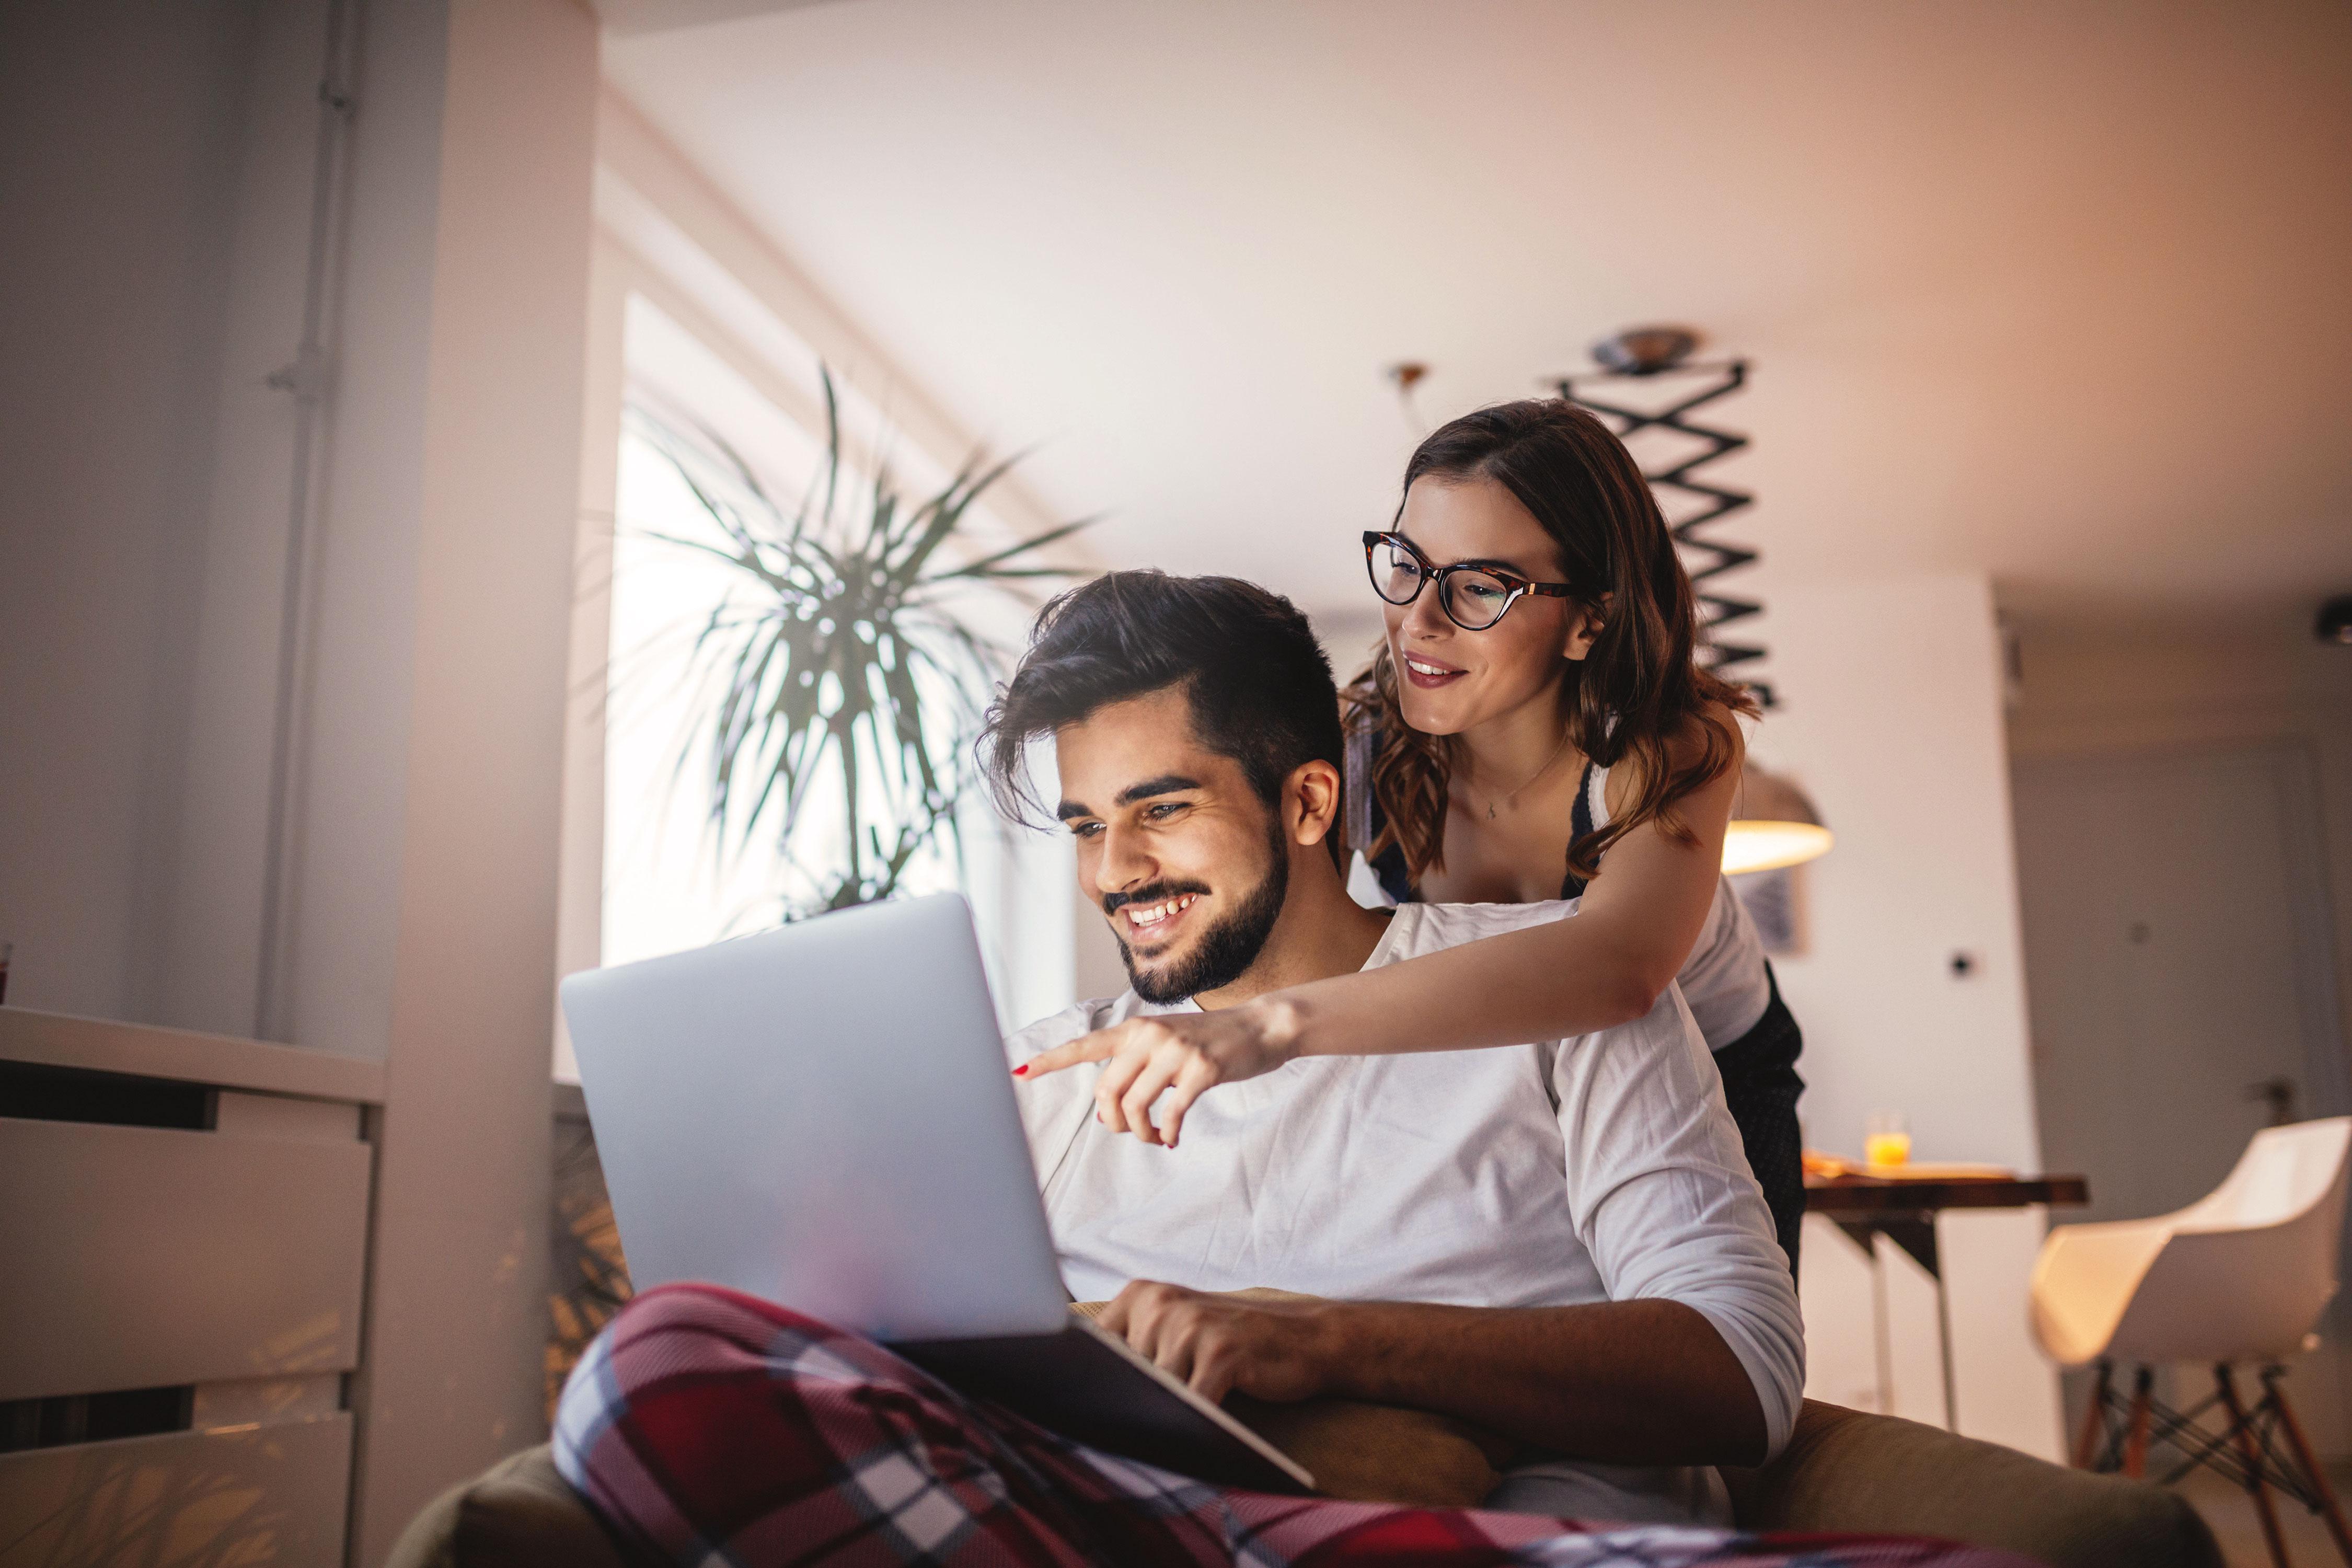 Lächelndes Paar vor Laptop auf Sofa